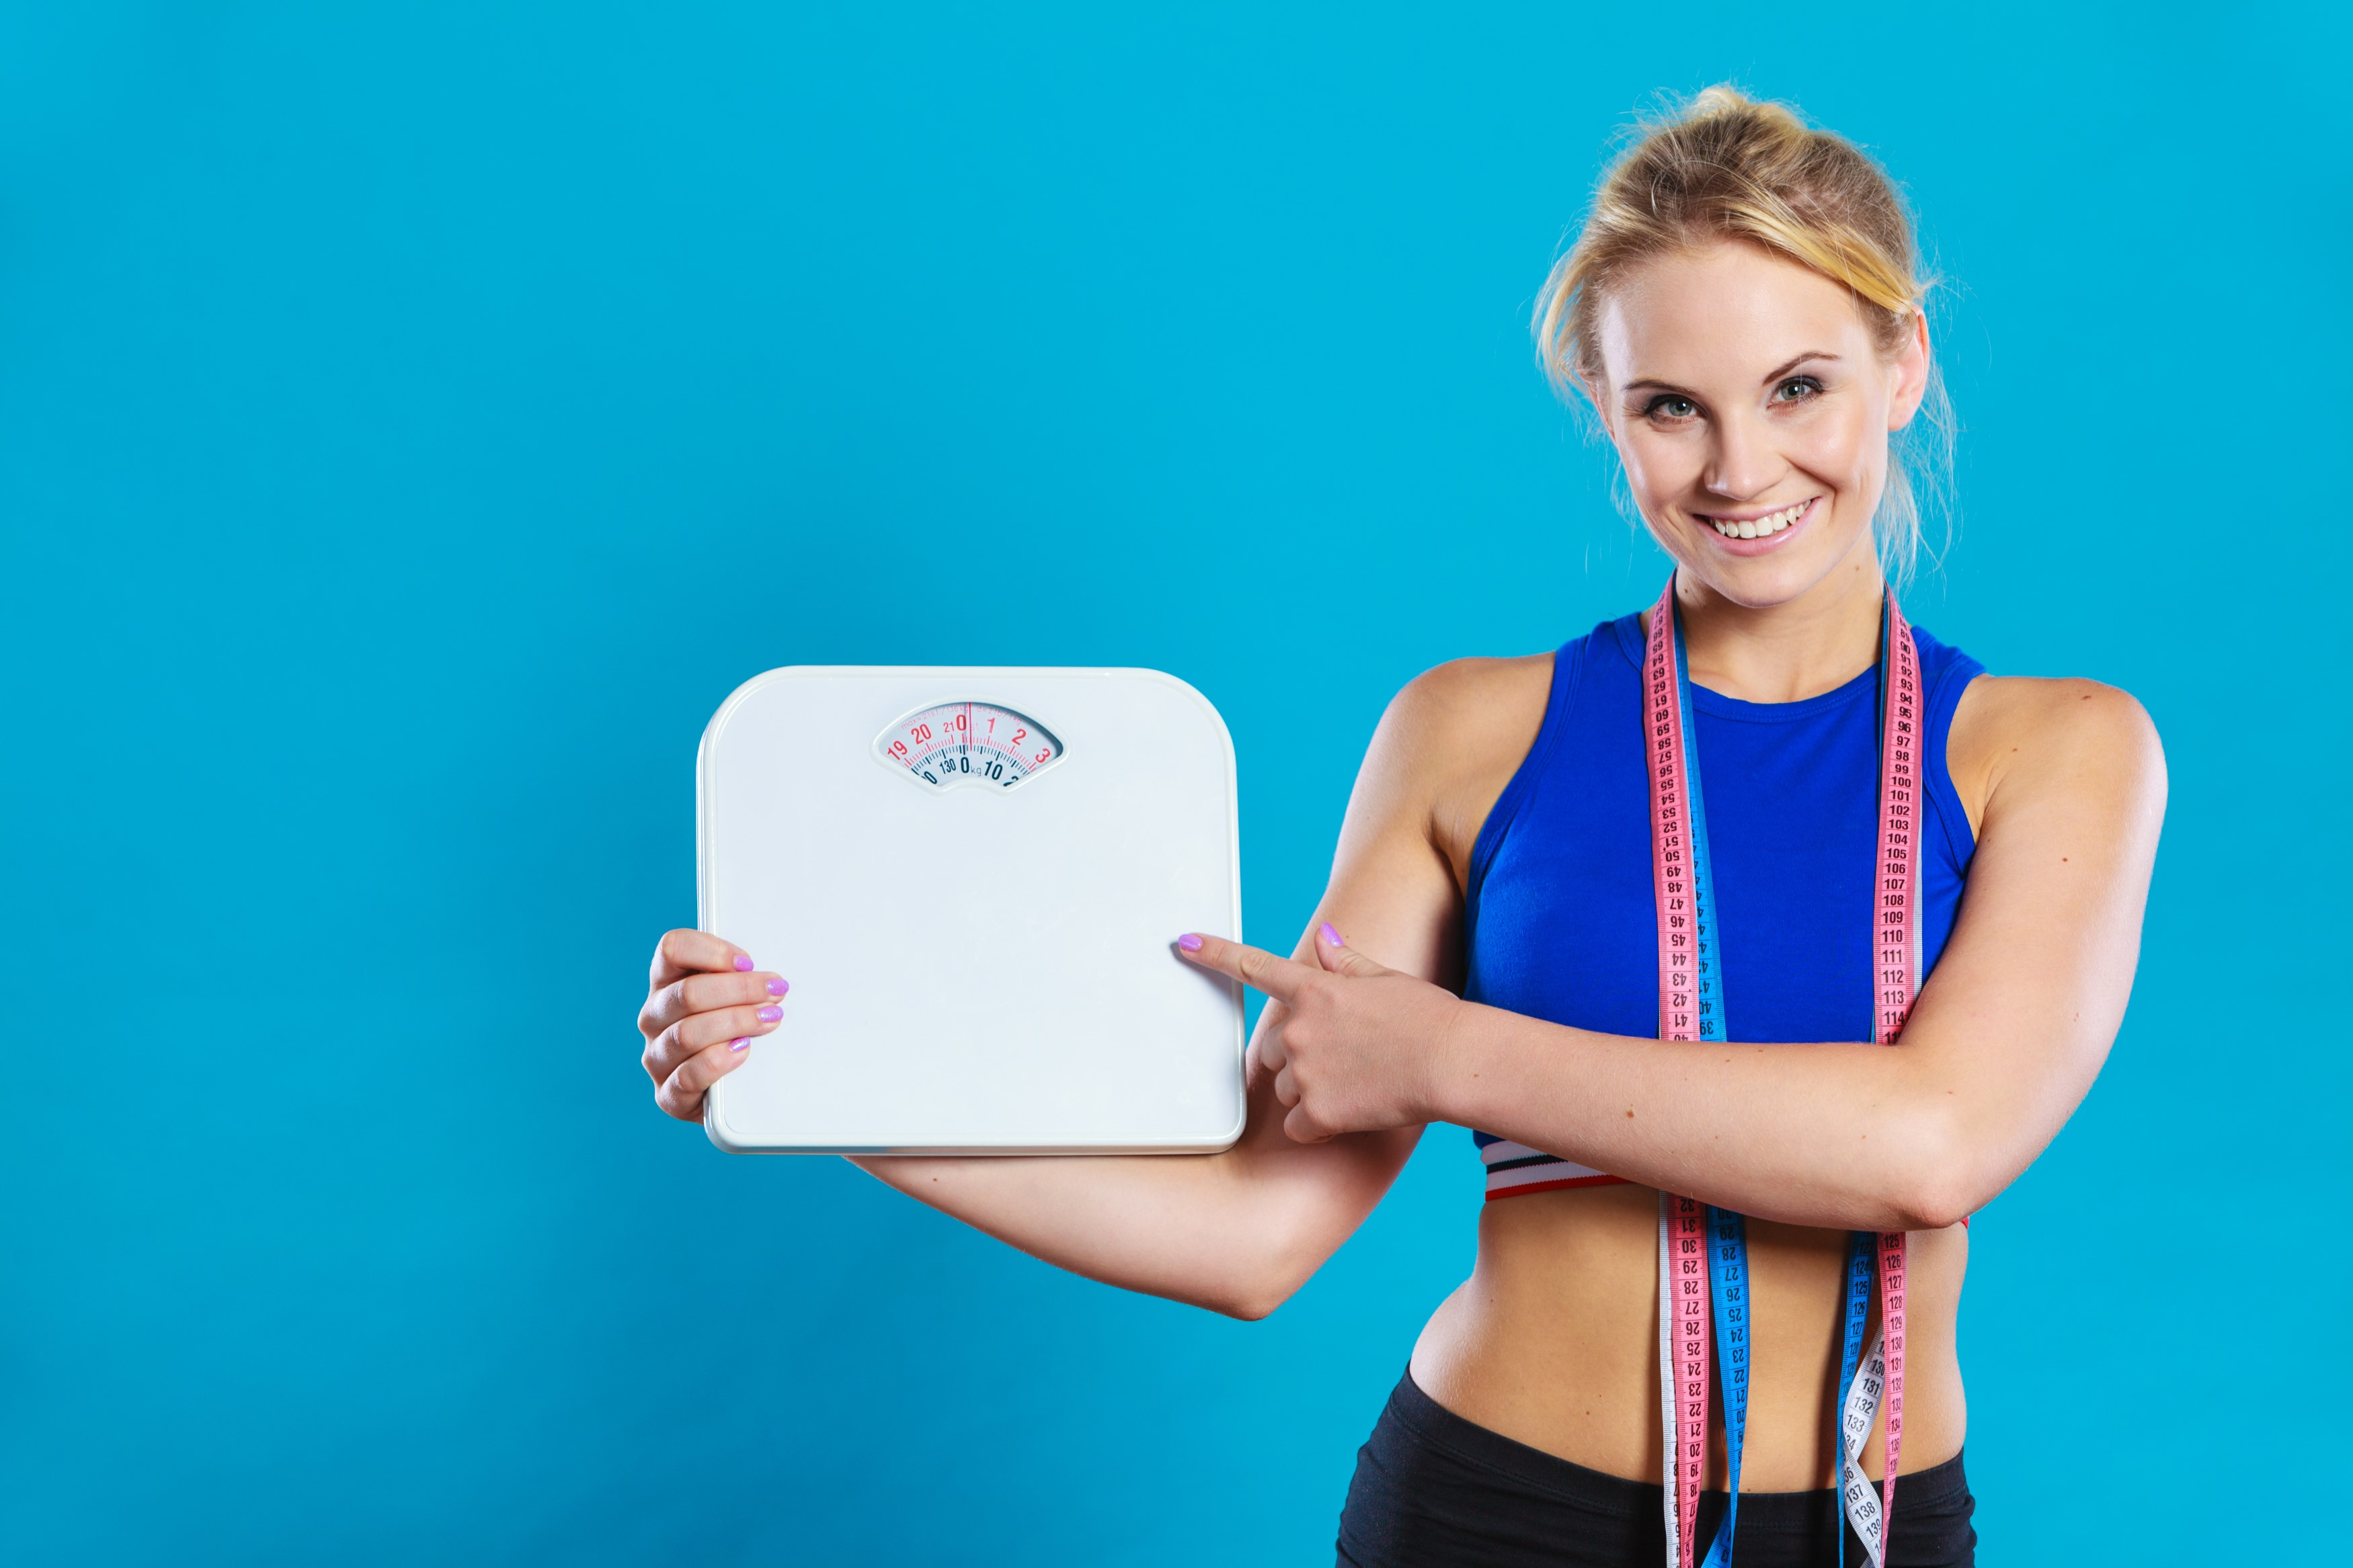 דרך טובה לשרוף שומן - חברת הרבלייף צילום שאטרסטוק (4)